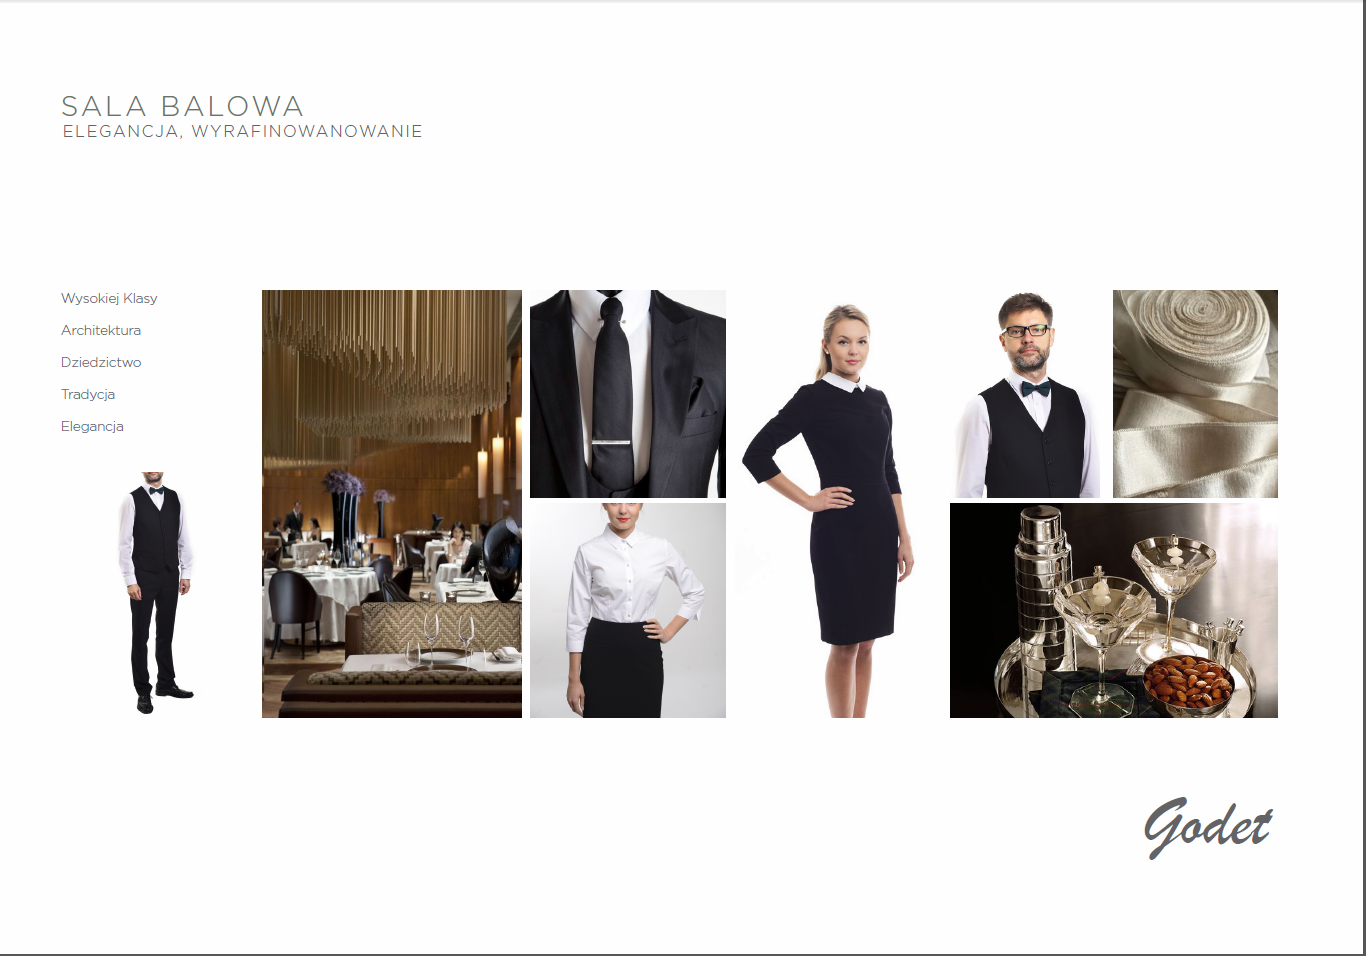 Odziez hotelowa - sala balowa elegancja klasa jakosc tradycja szycie